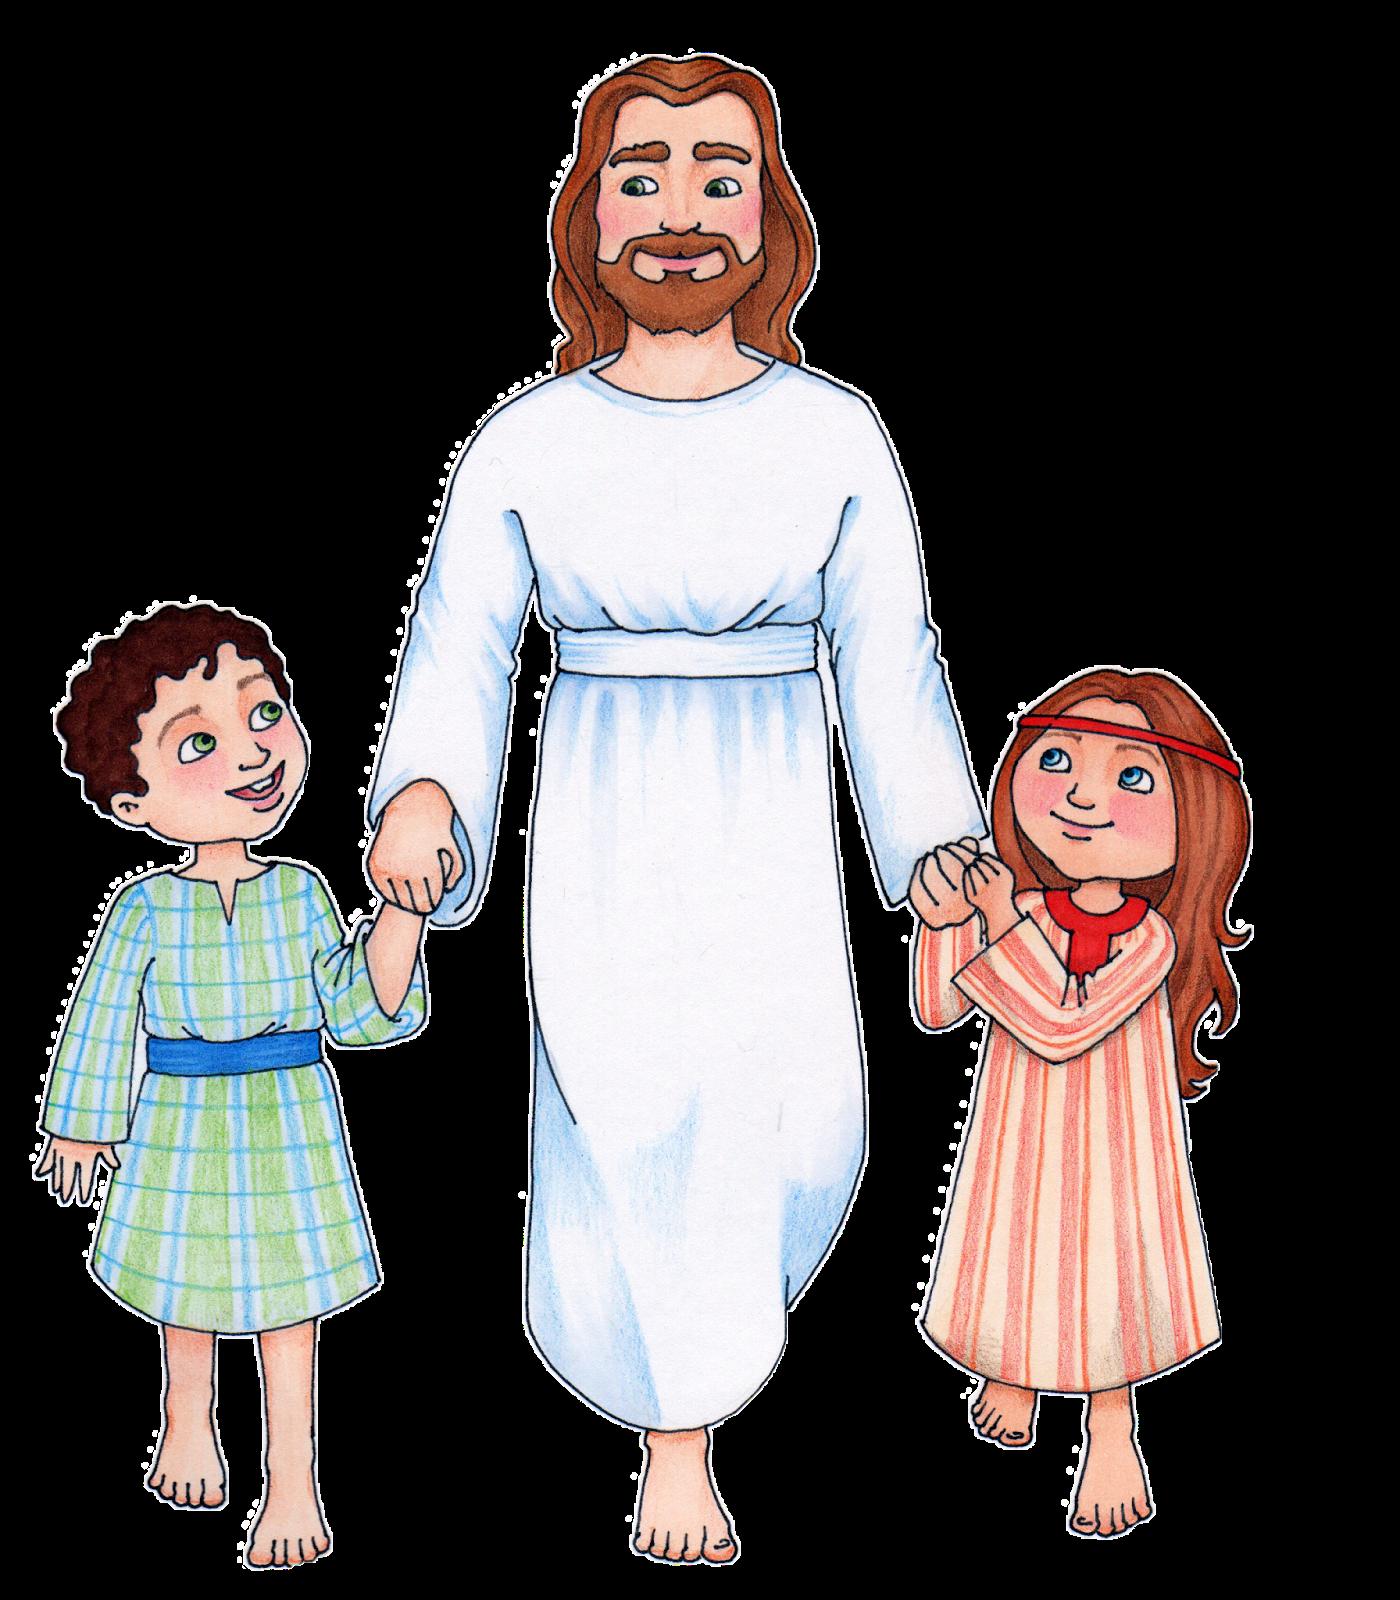 Lds Clipart Jesus Christ-Lds Clipart Jesus Christ-18